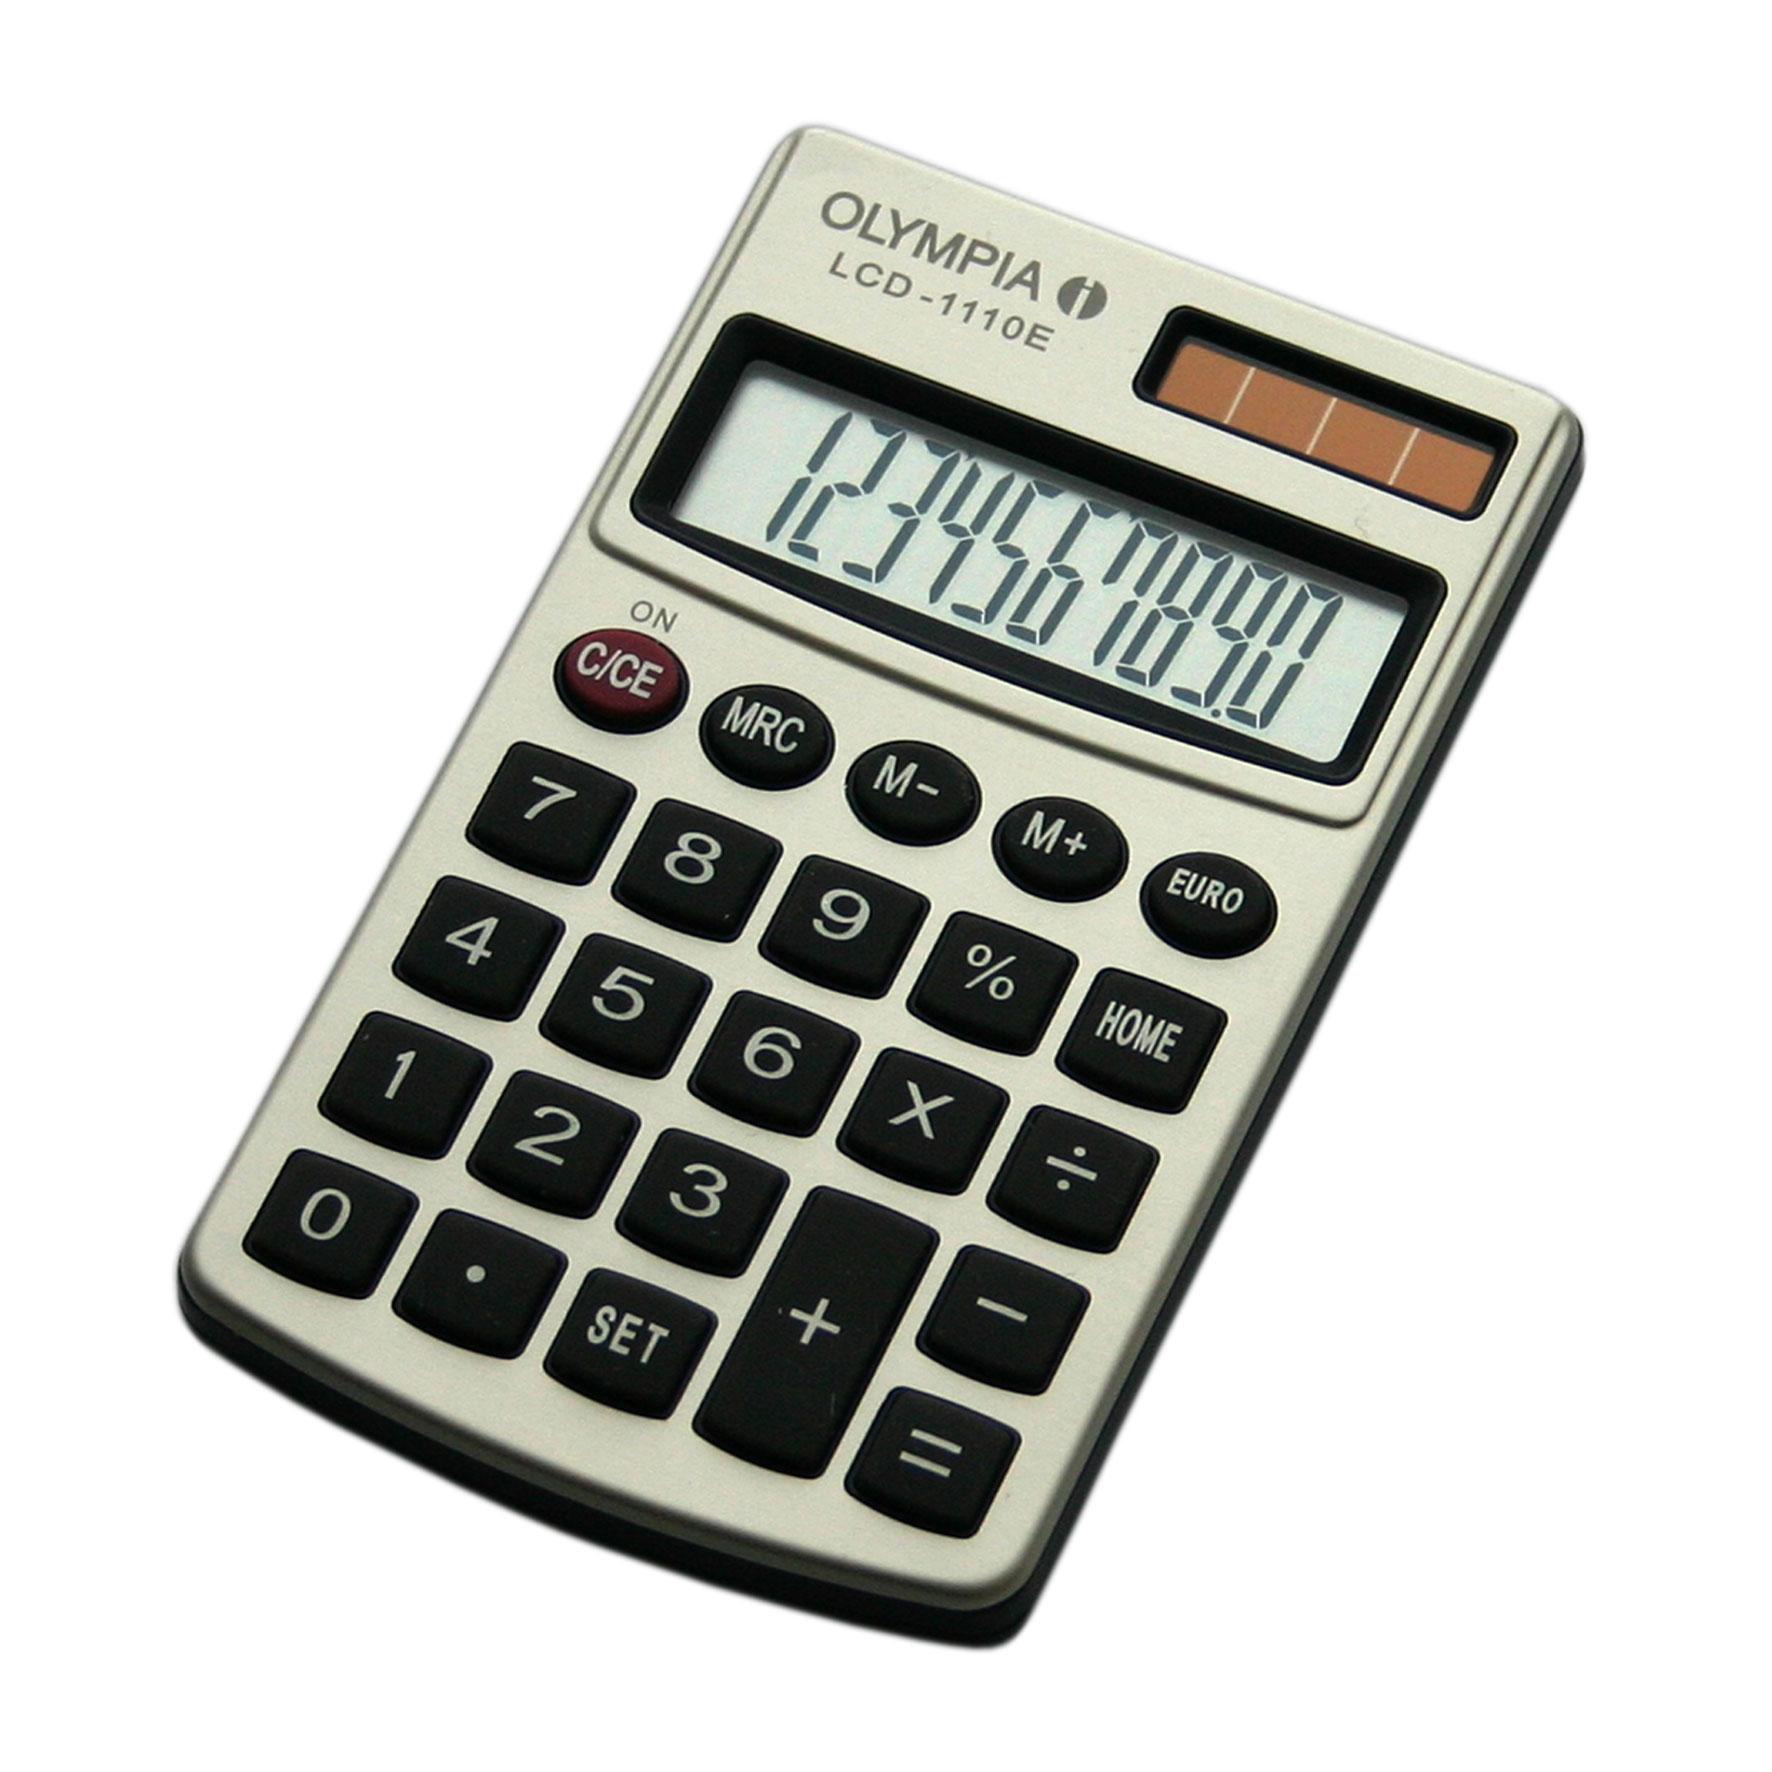 Olympia LCD 1110 E - Einfacher Taschenrechner  - 10-stelliges Display